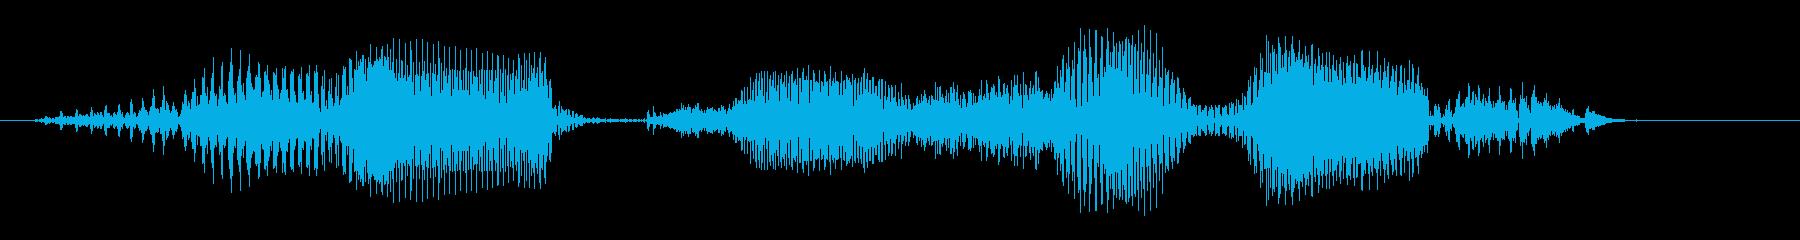 働く車 - 油圧ショベルの再生済みの波形